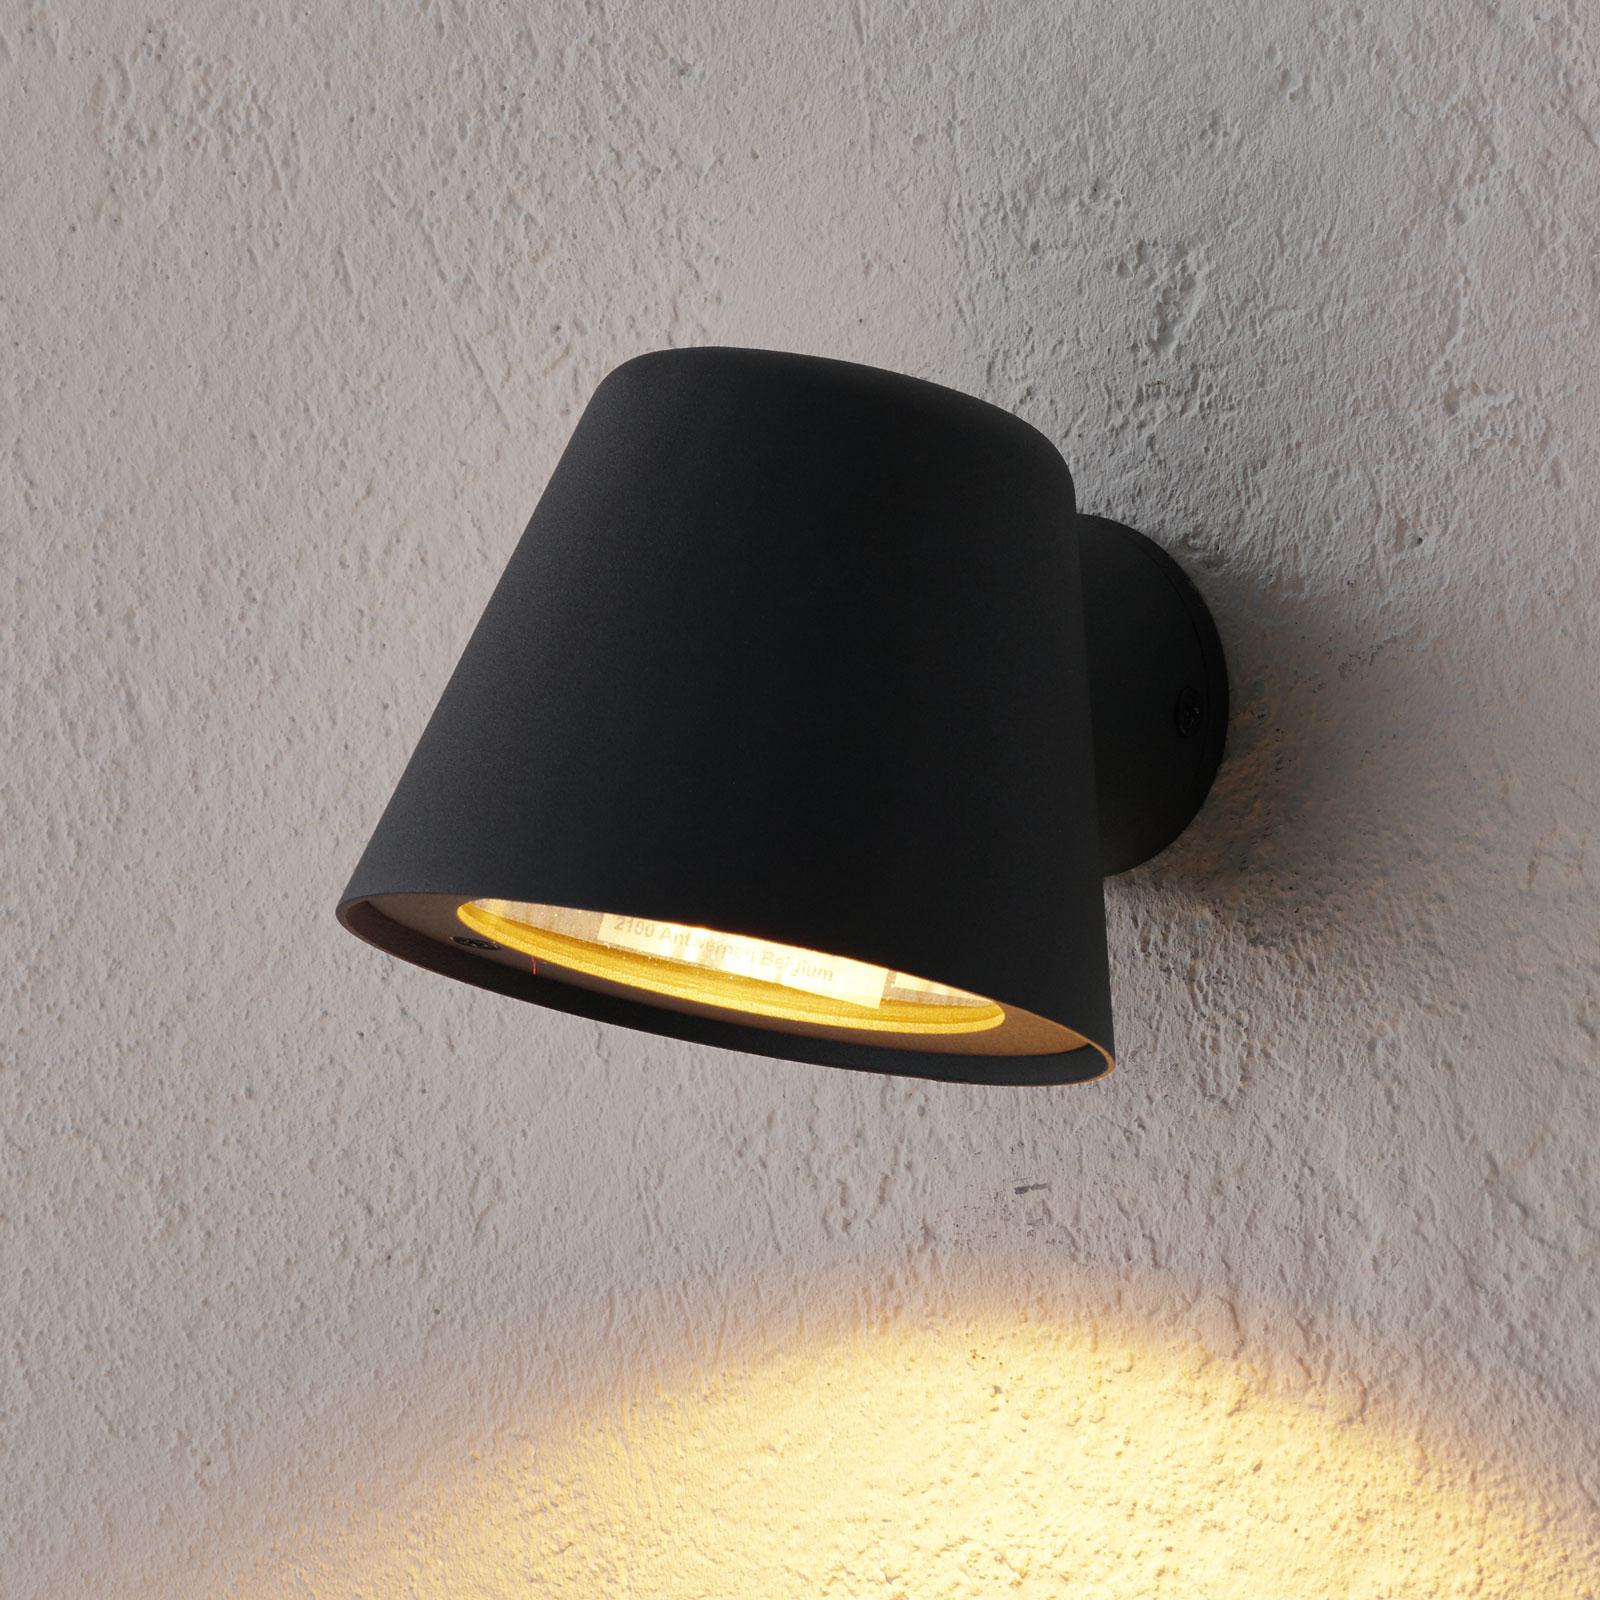 Aplique LED de exterior Dingo antracita, GU10